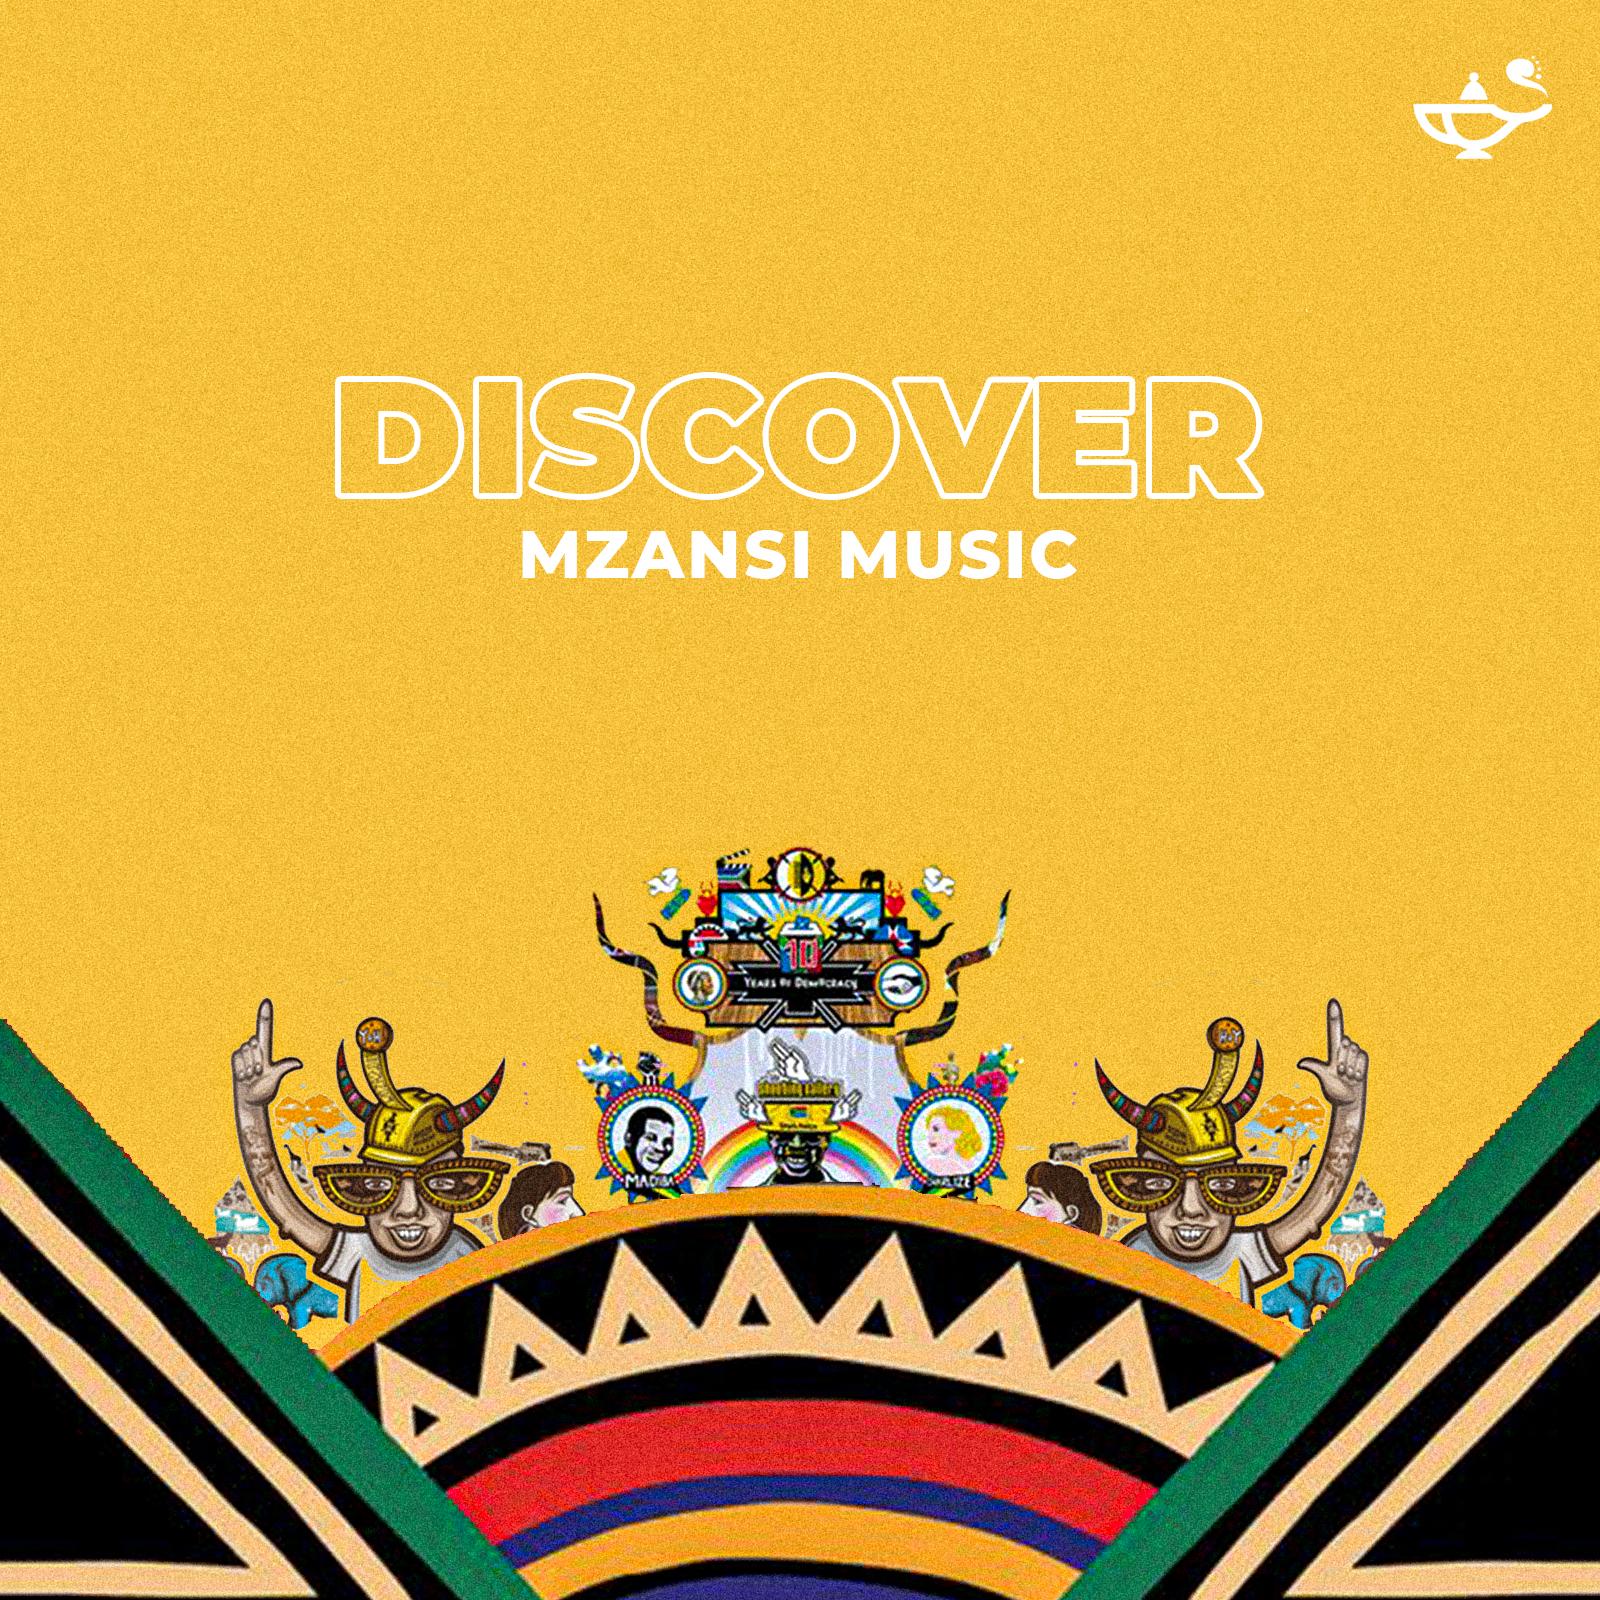 Discover: Mzansi Music